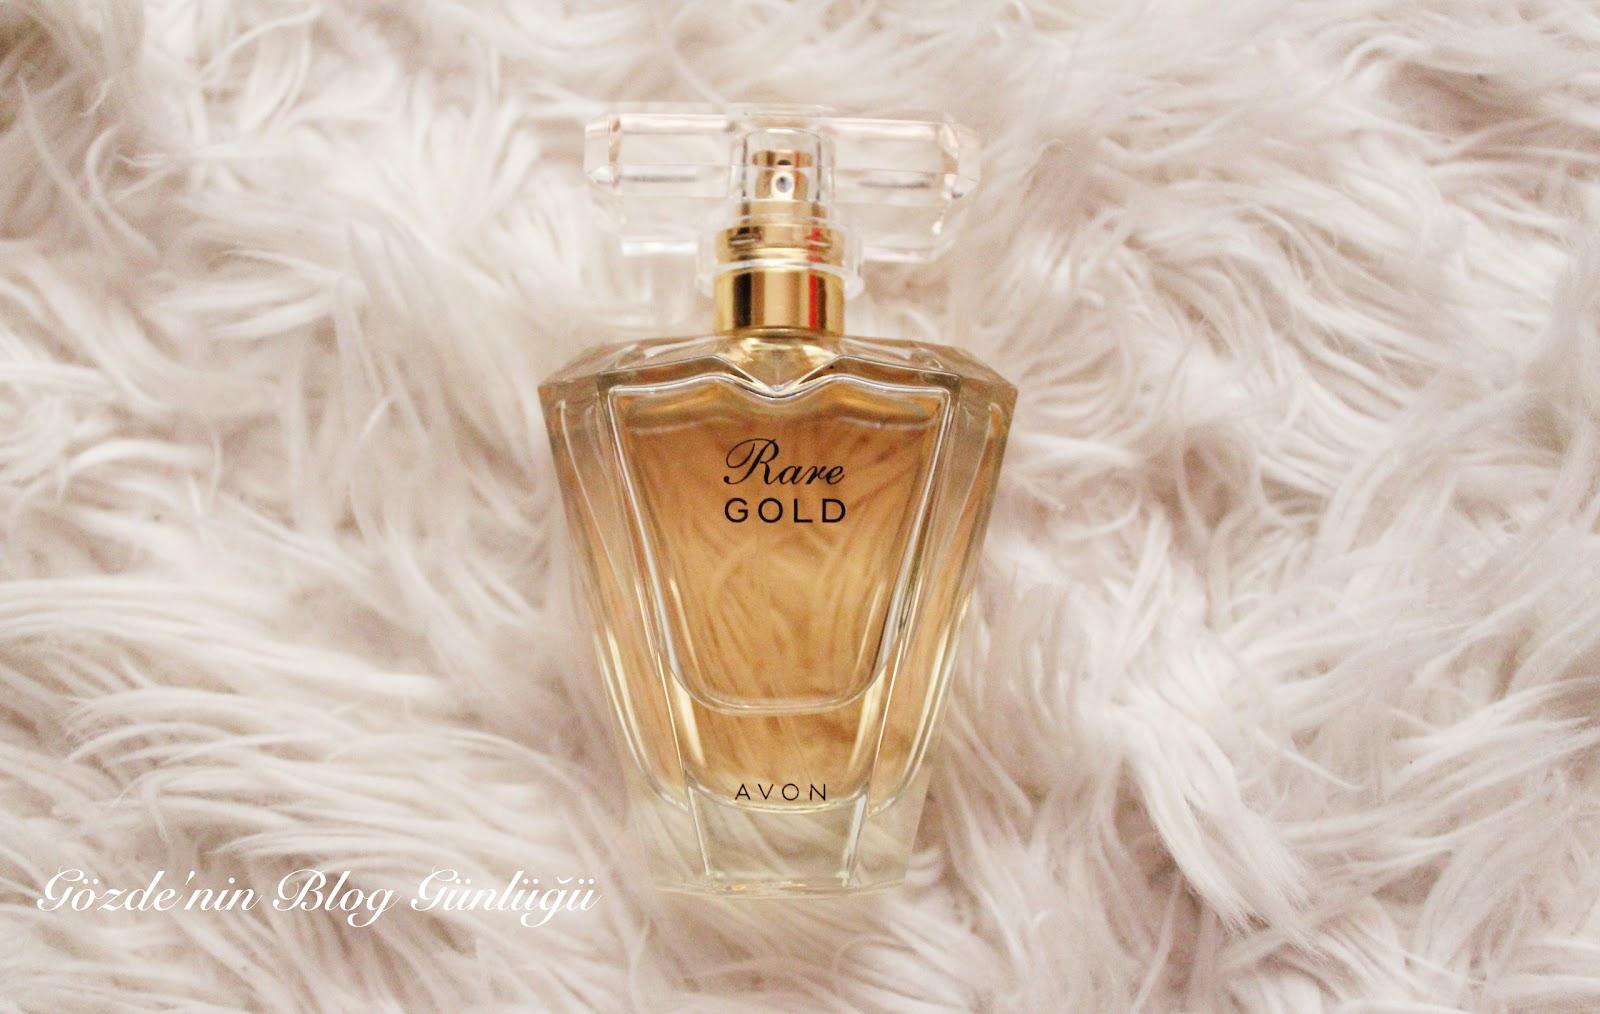 Gözdenin Blog Günlüğü Avon Rare Gold Parfüm Ve Eskiye Dönüş